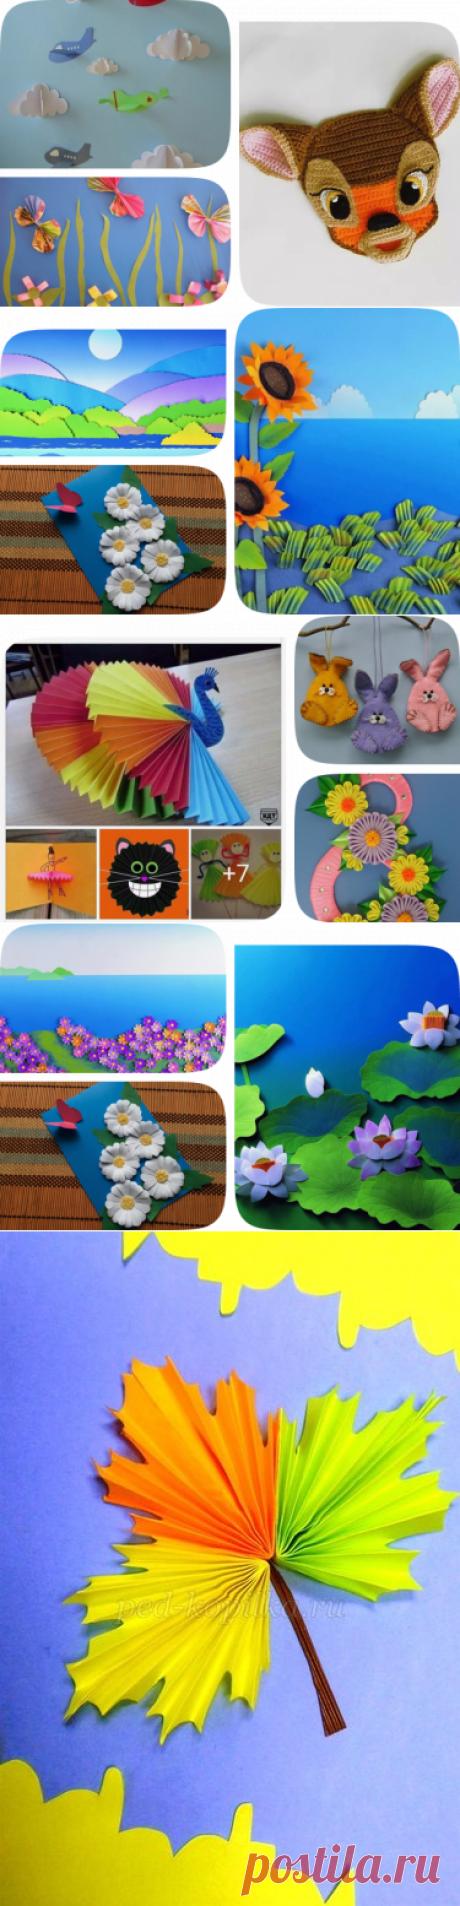 26 карточек в коллекции «Объёмная аппликация из бумаги» пользователя Даниил М. в Яндекс.Коллекциях